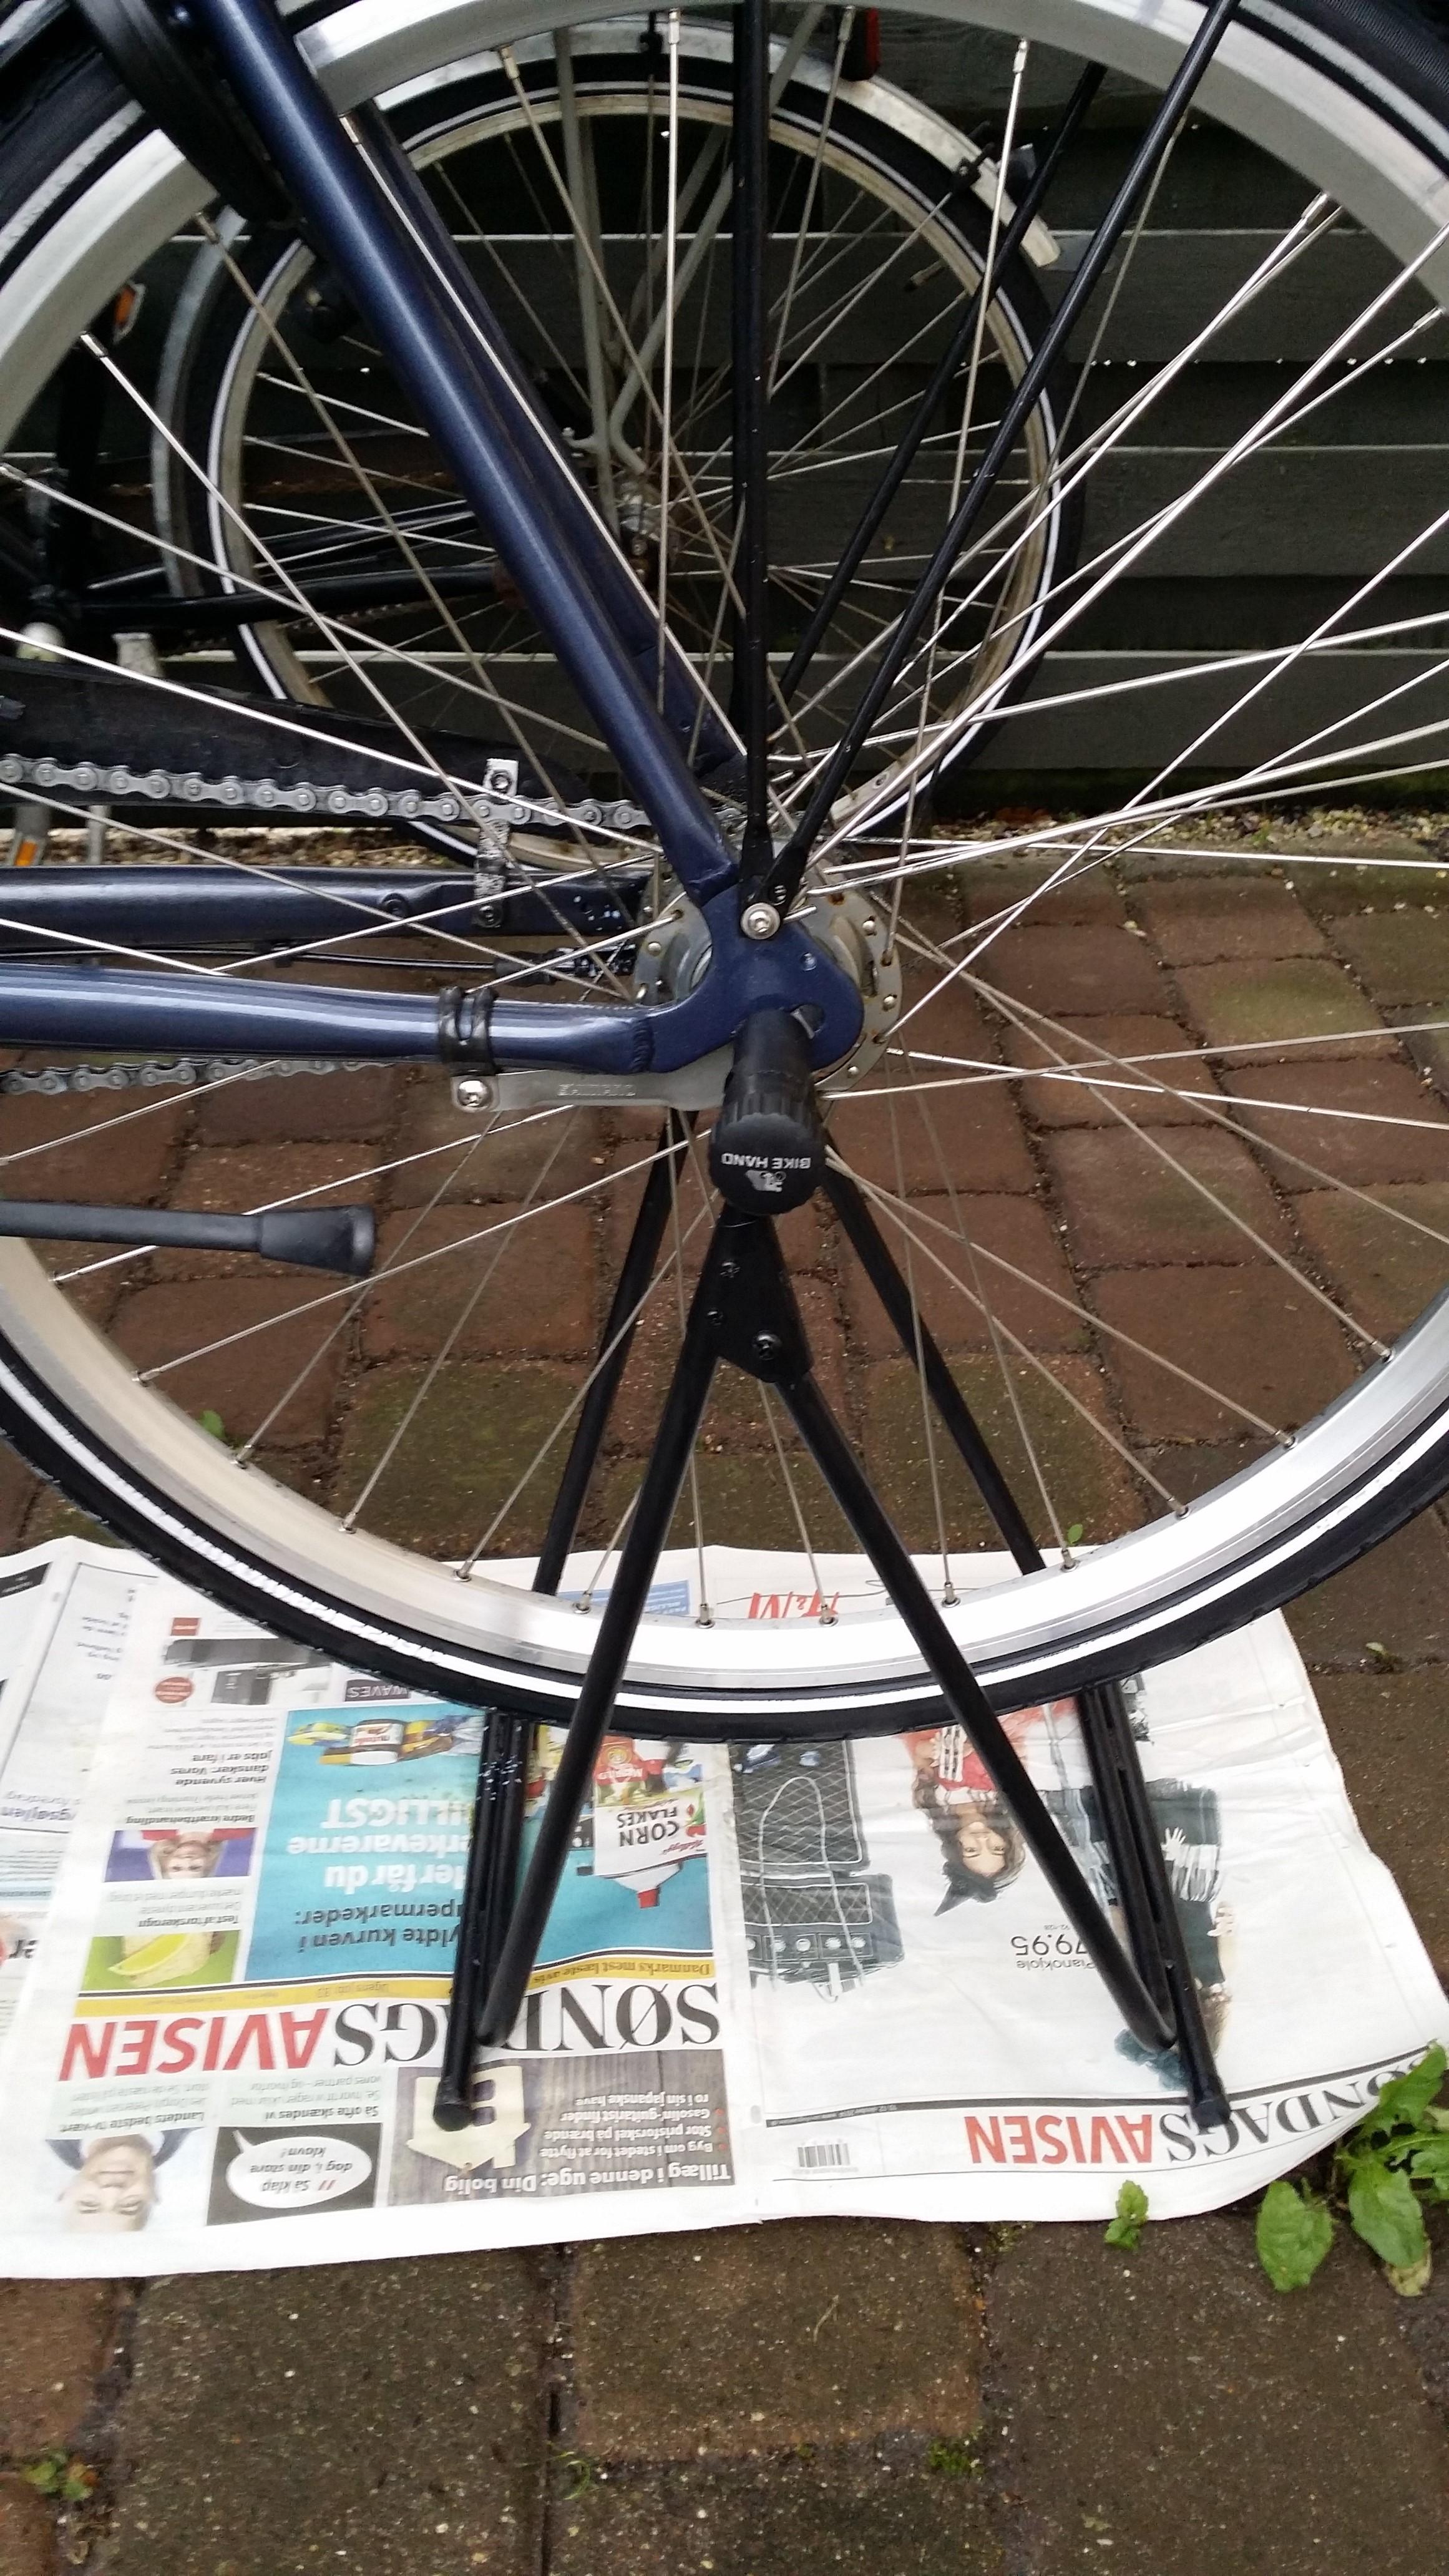 Cykel på cykelholder!